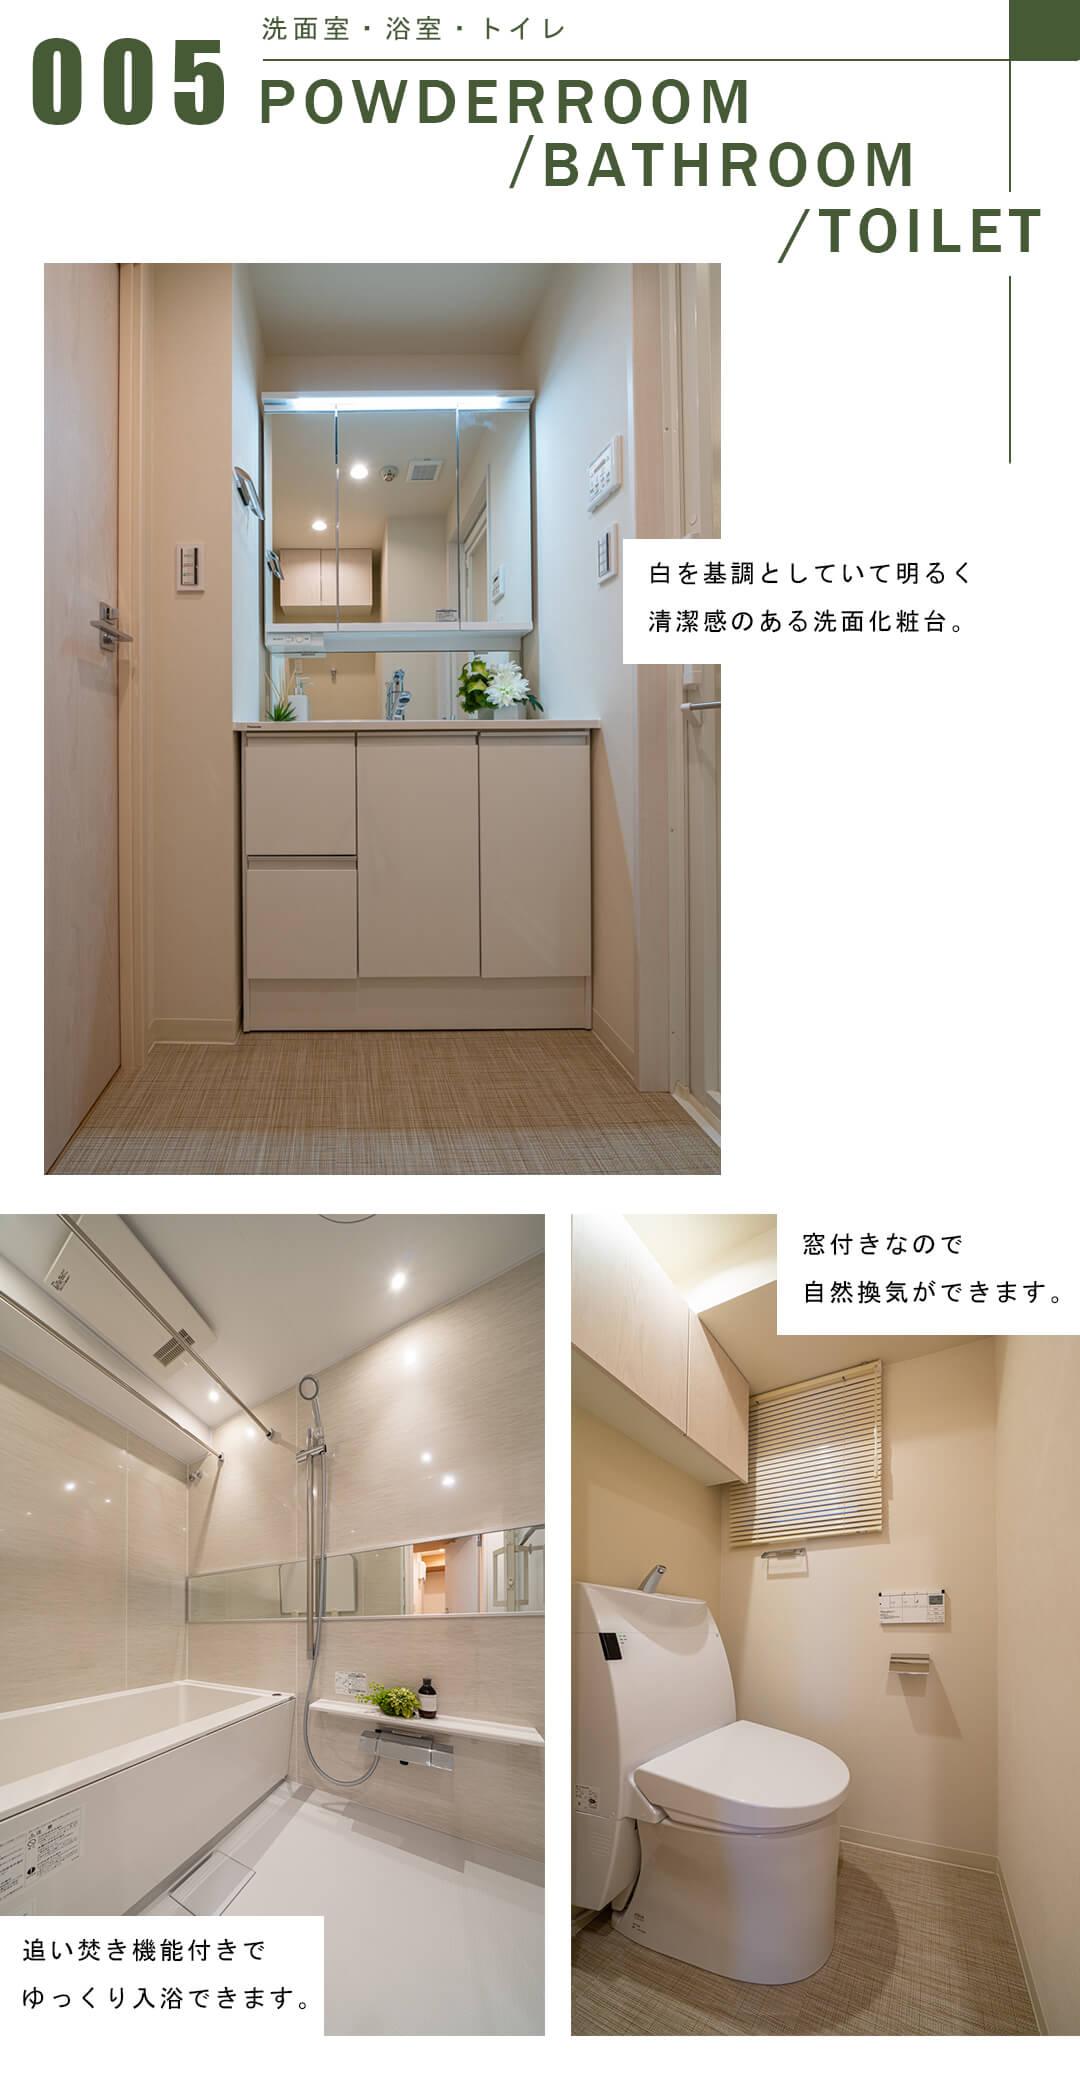 恵比寿アーバンハウスの洗面室と浴室とトイレ